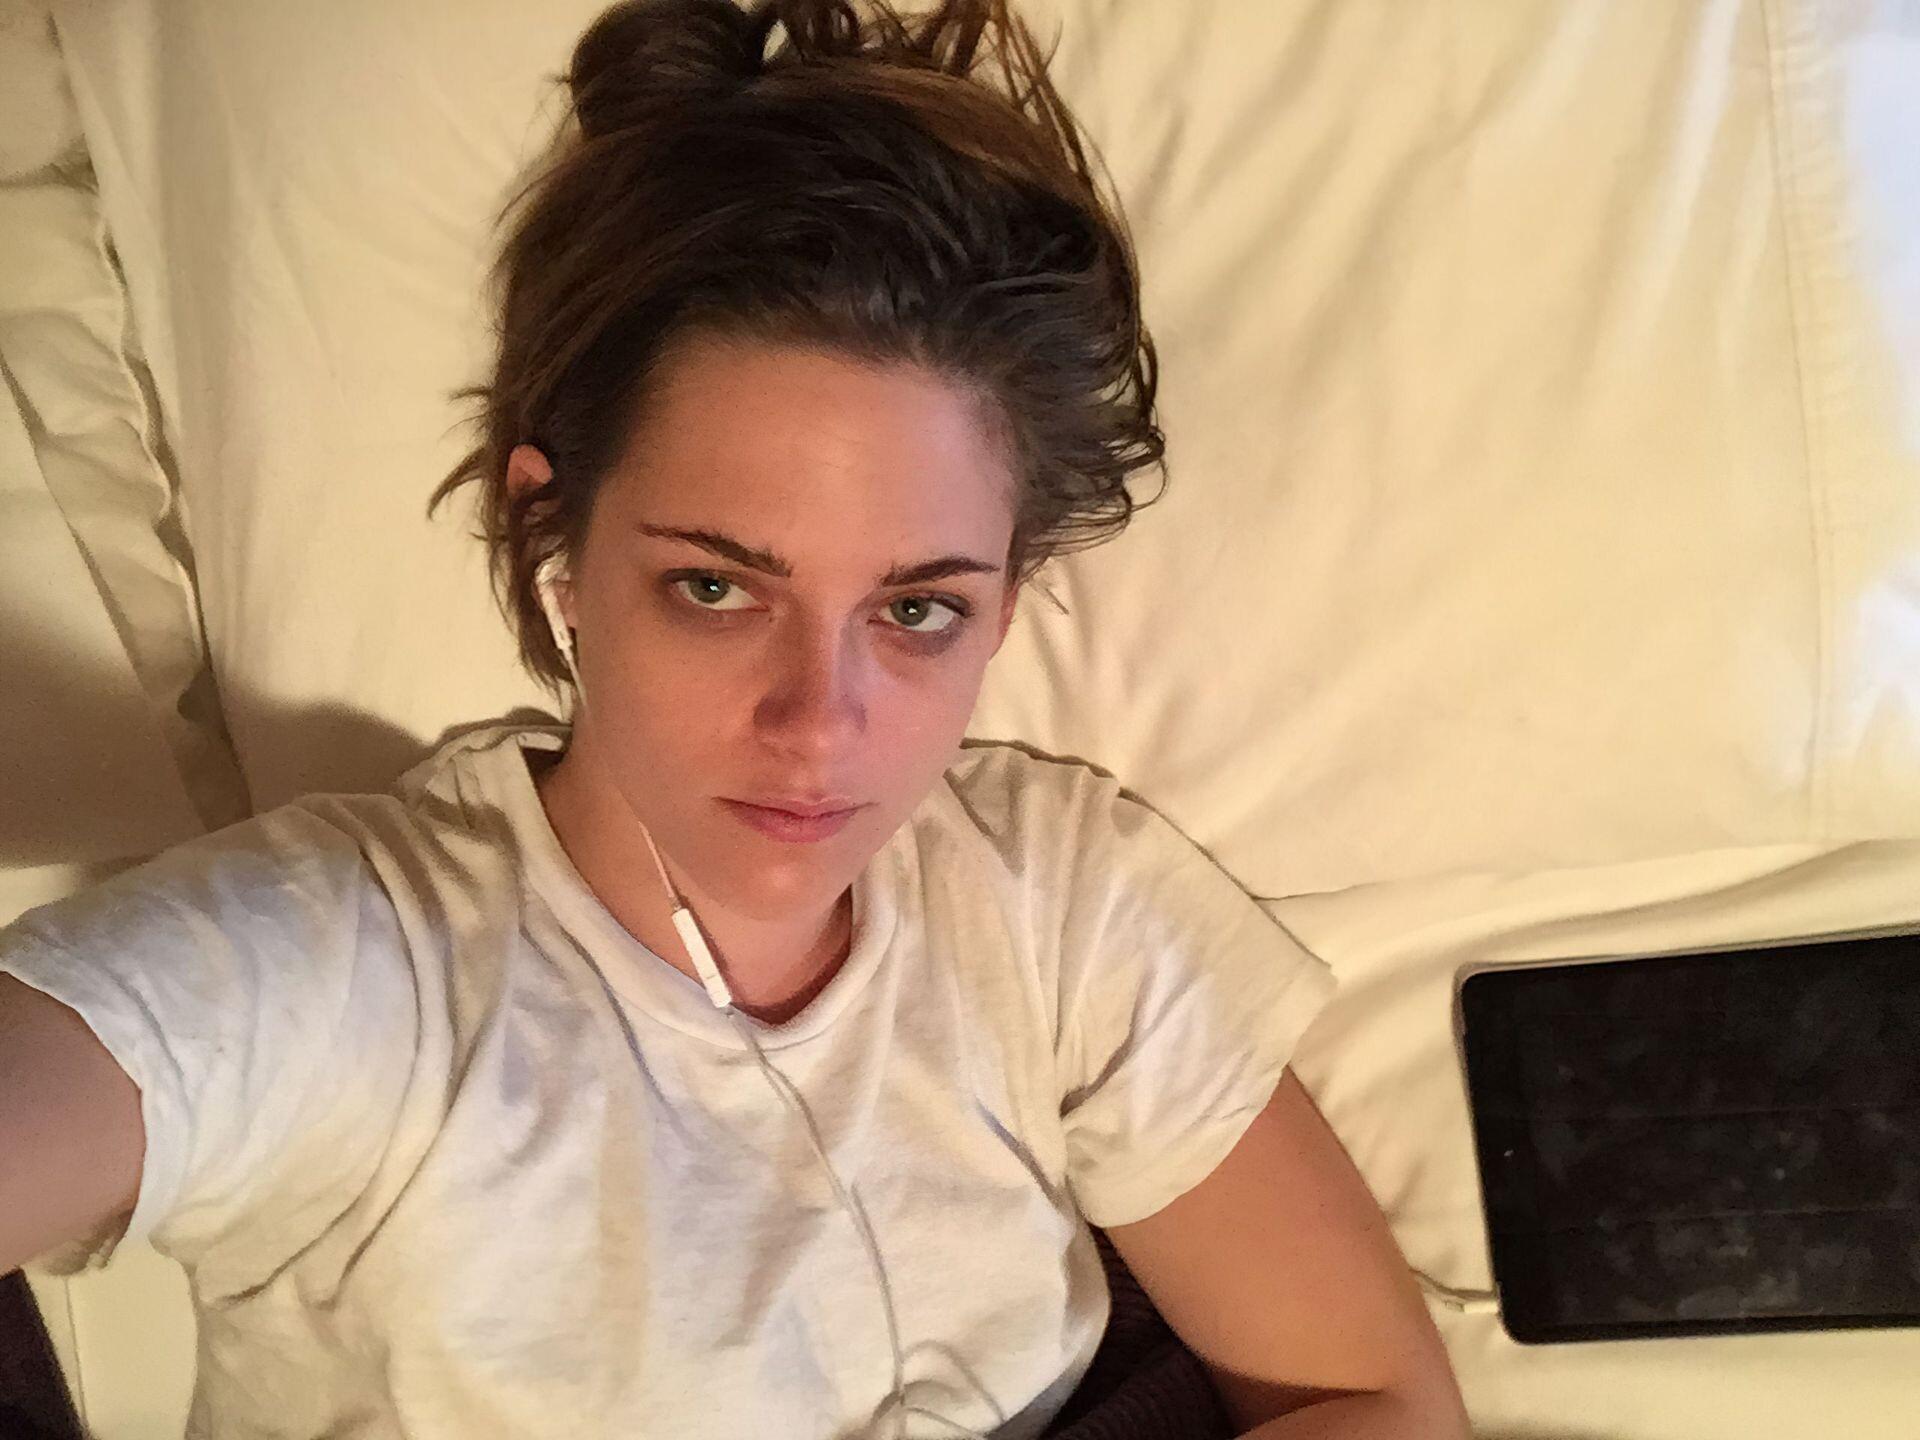 Kristen Stewart Nude Leaked 106 fappenings.com